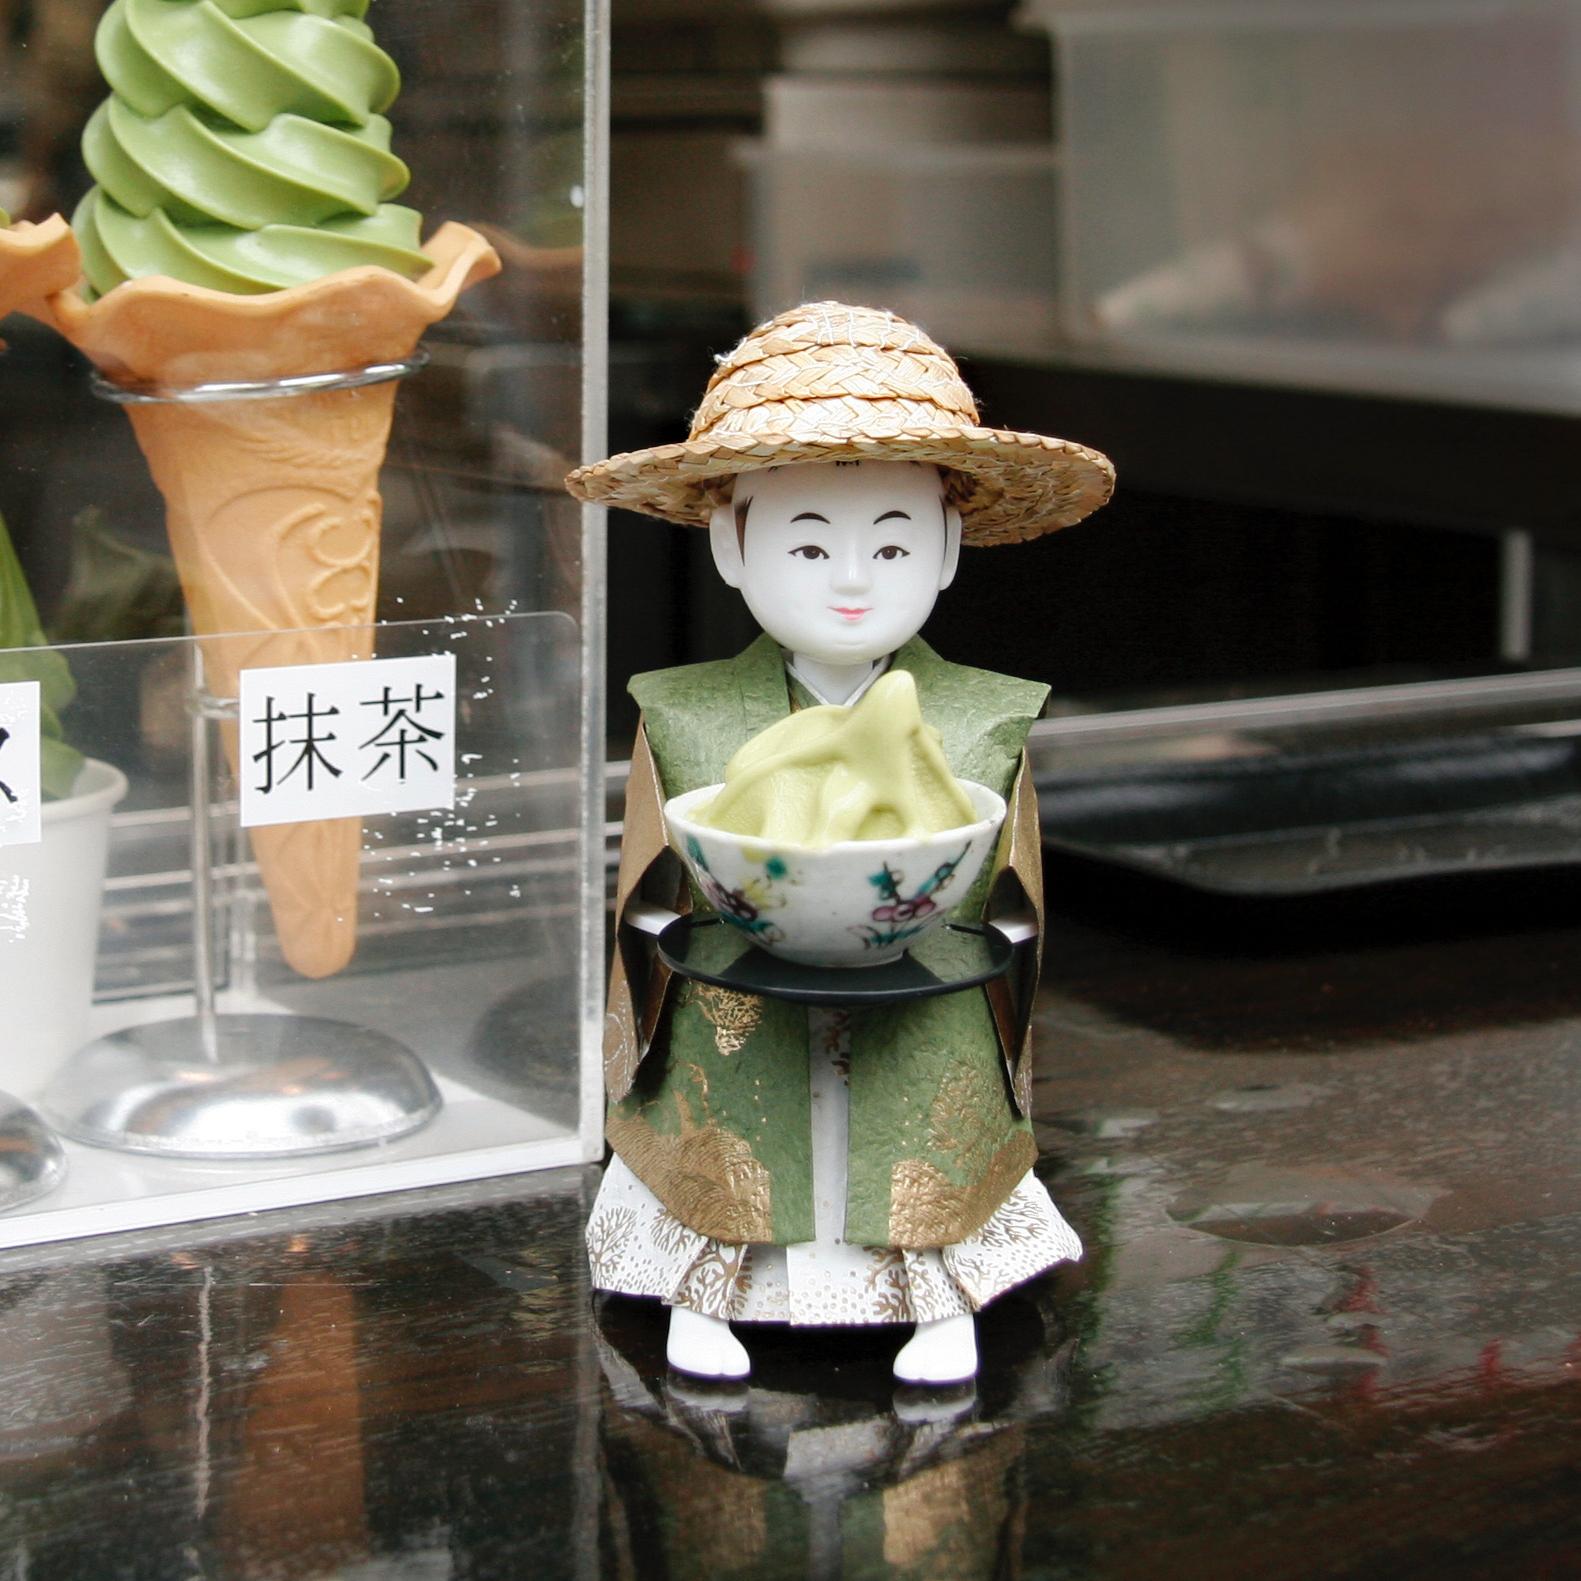 【直送】 復刻版 ミニ茶運び人形 大人の科学マガジン